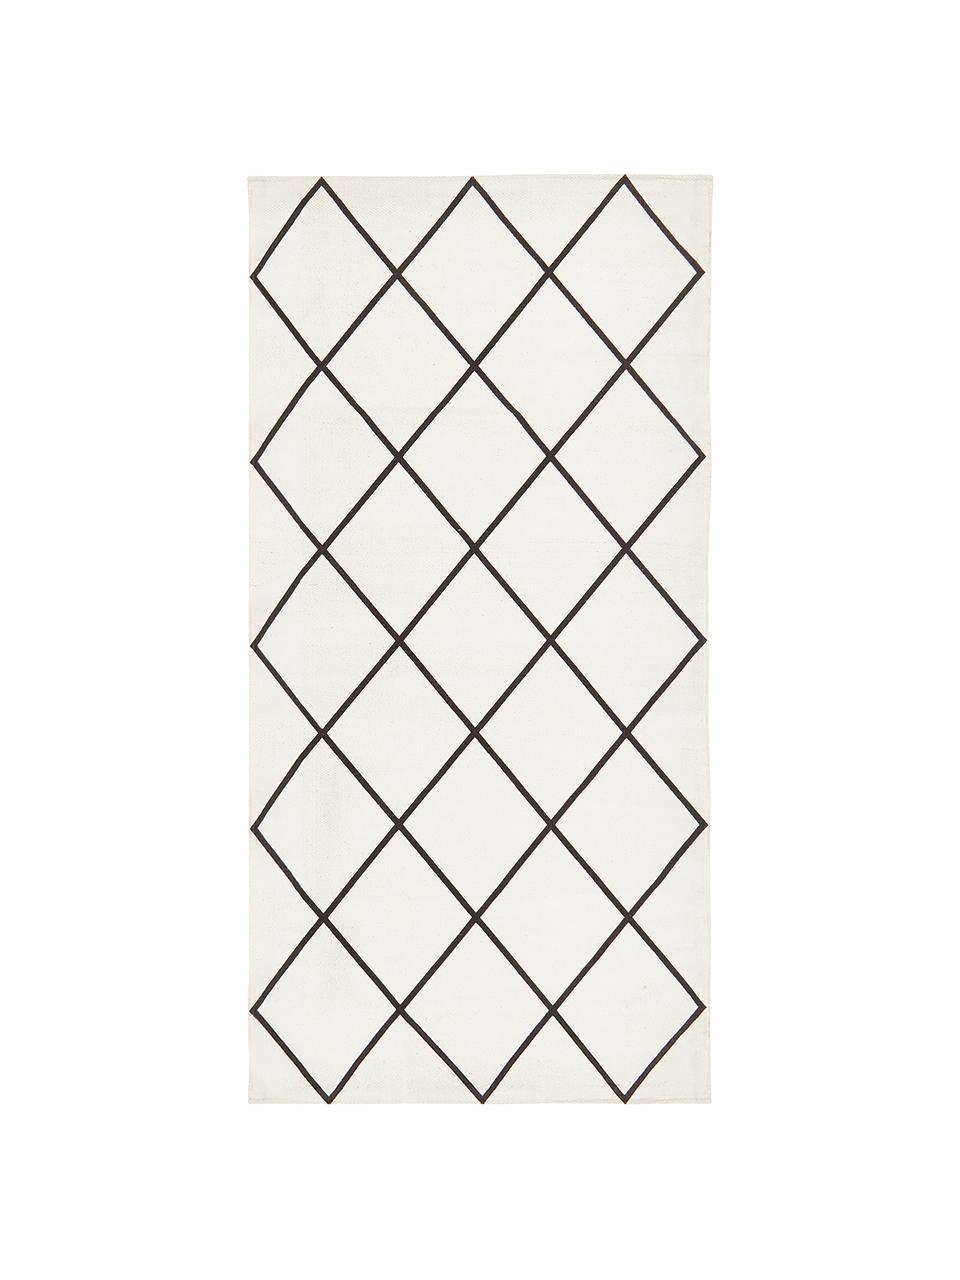 Tappeto in cotone tessuto a mano Farah, 100% cotone, Bianco crema, nero, Larg. 200 x Lung. 300 cm (taglia L)